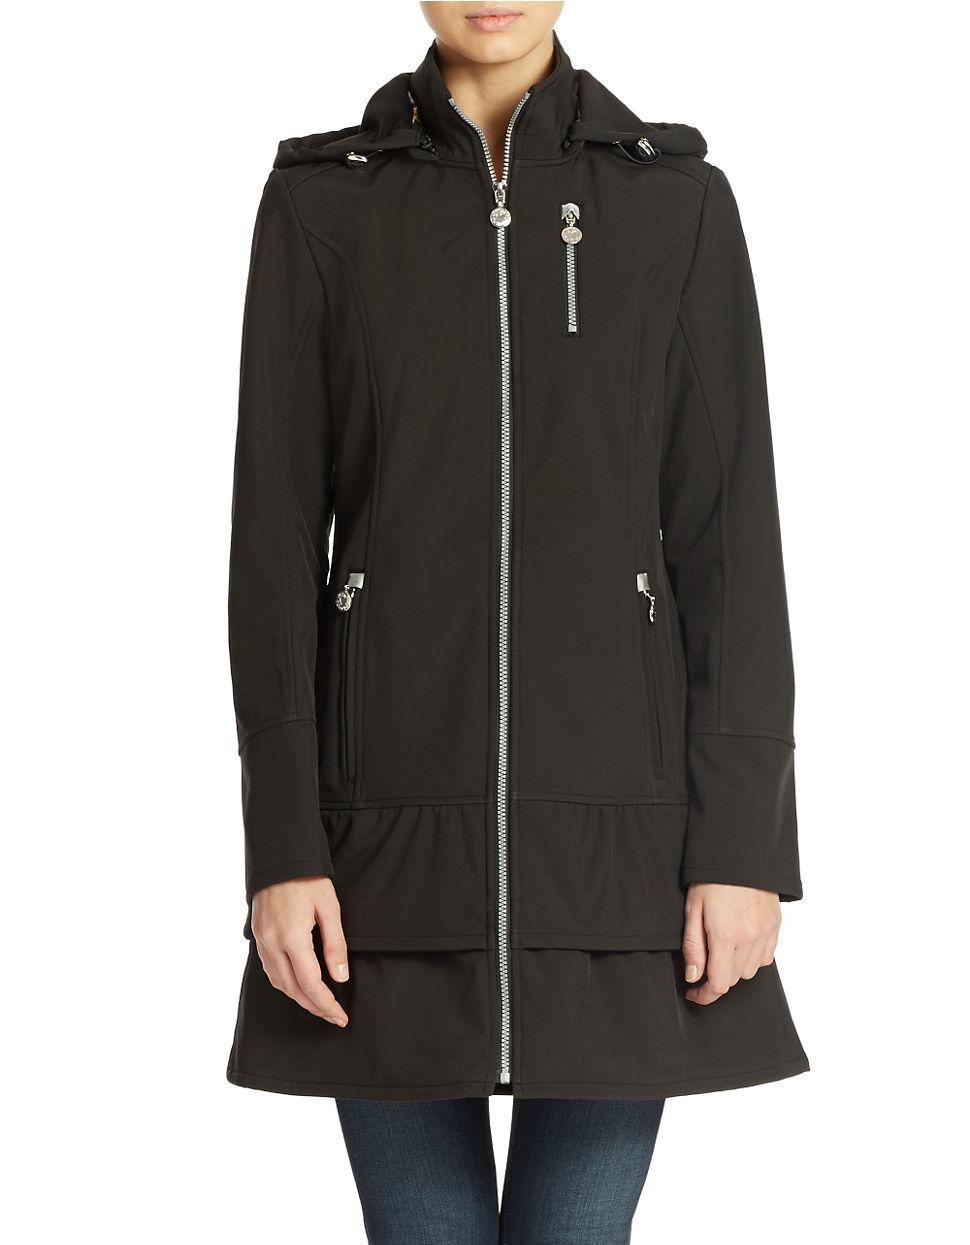 Betsey johnson leather jacket